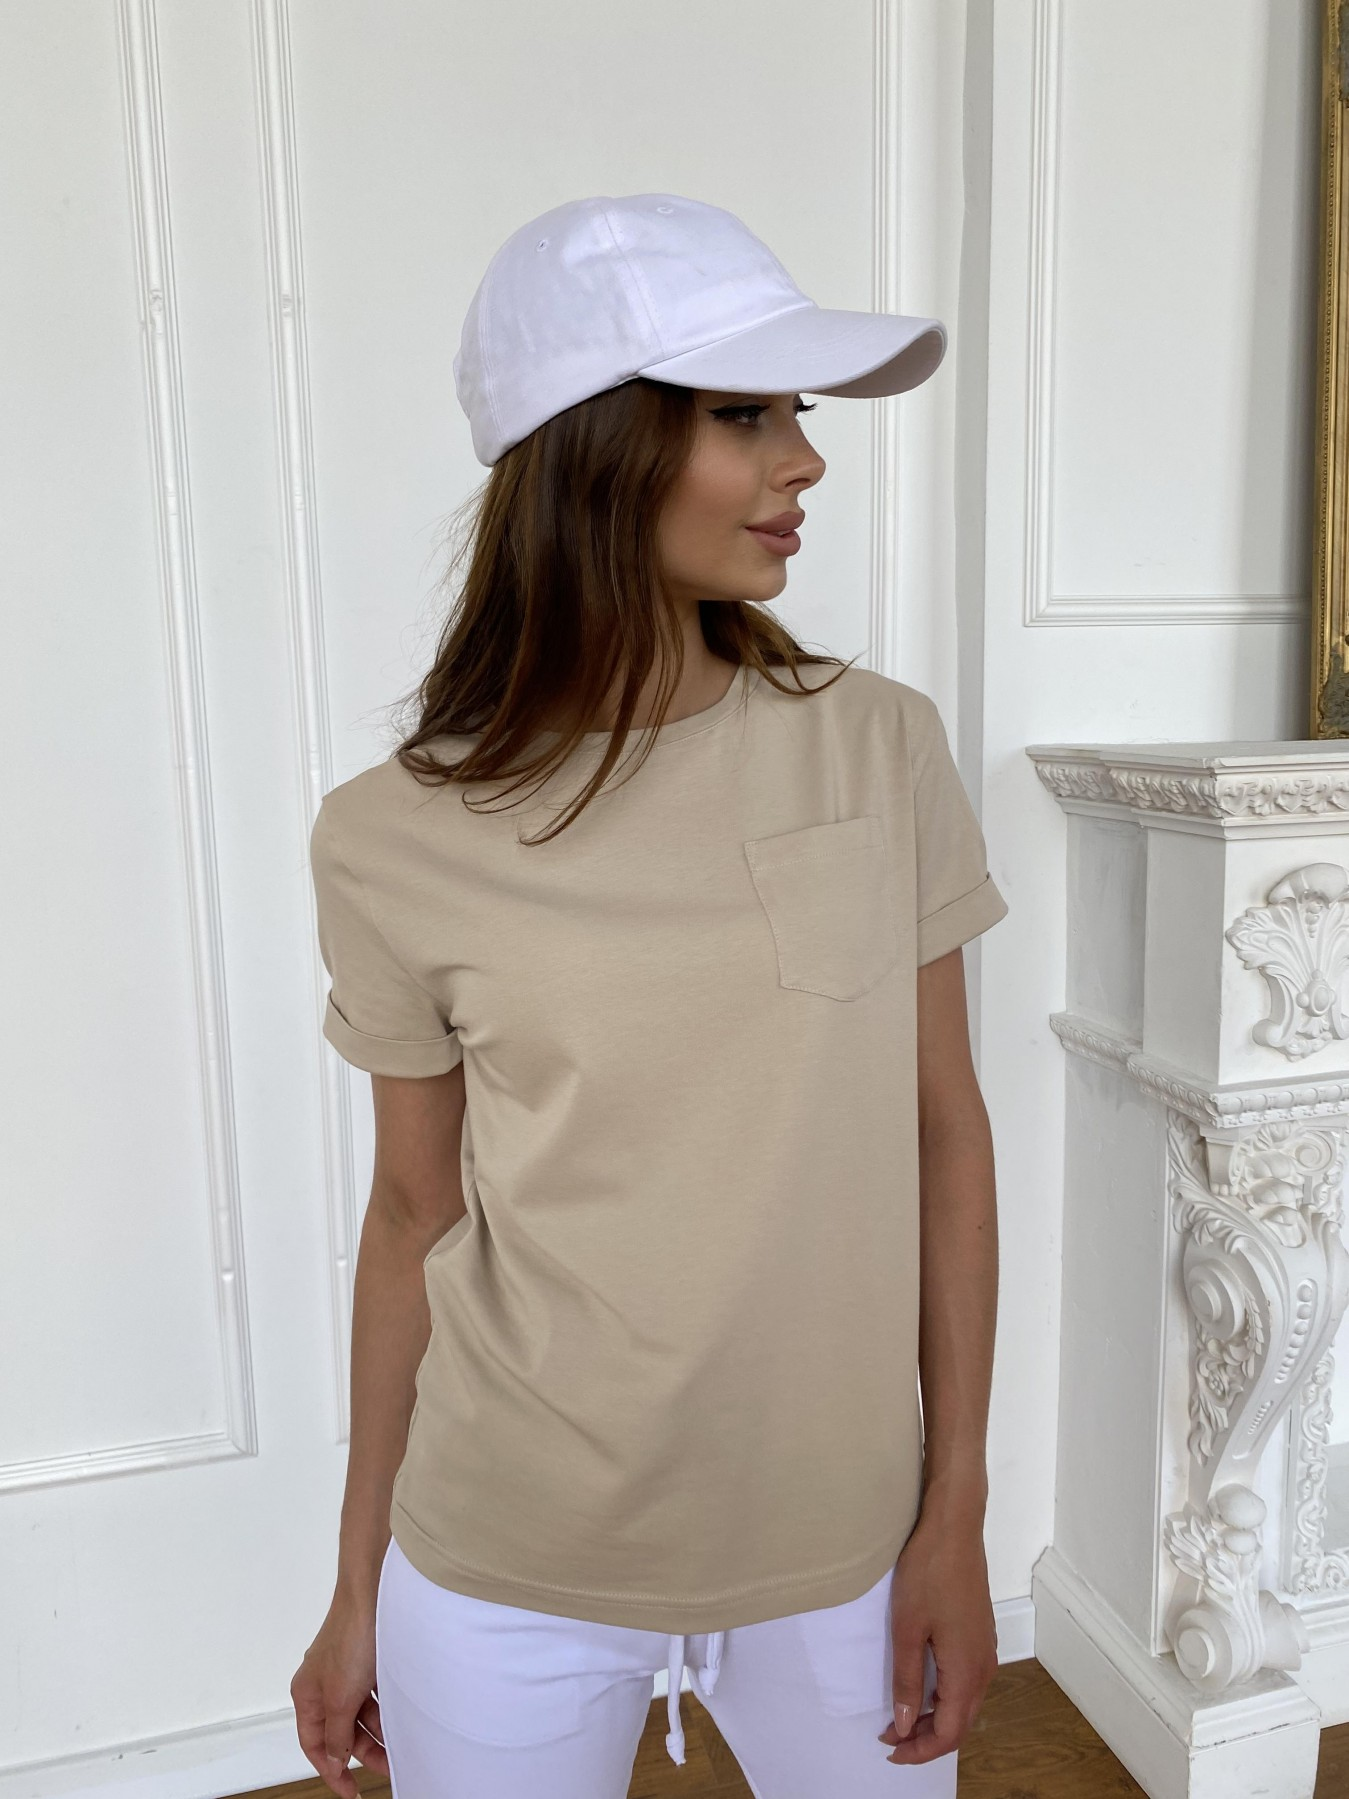 Вуди футболка из вискозы 11224 АРТ. 47877 Цвет: Бежевый - фото 2, интернет магазин tm-modus.ru